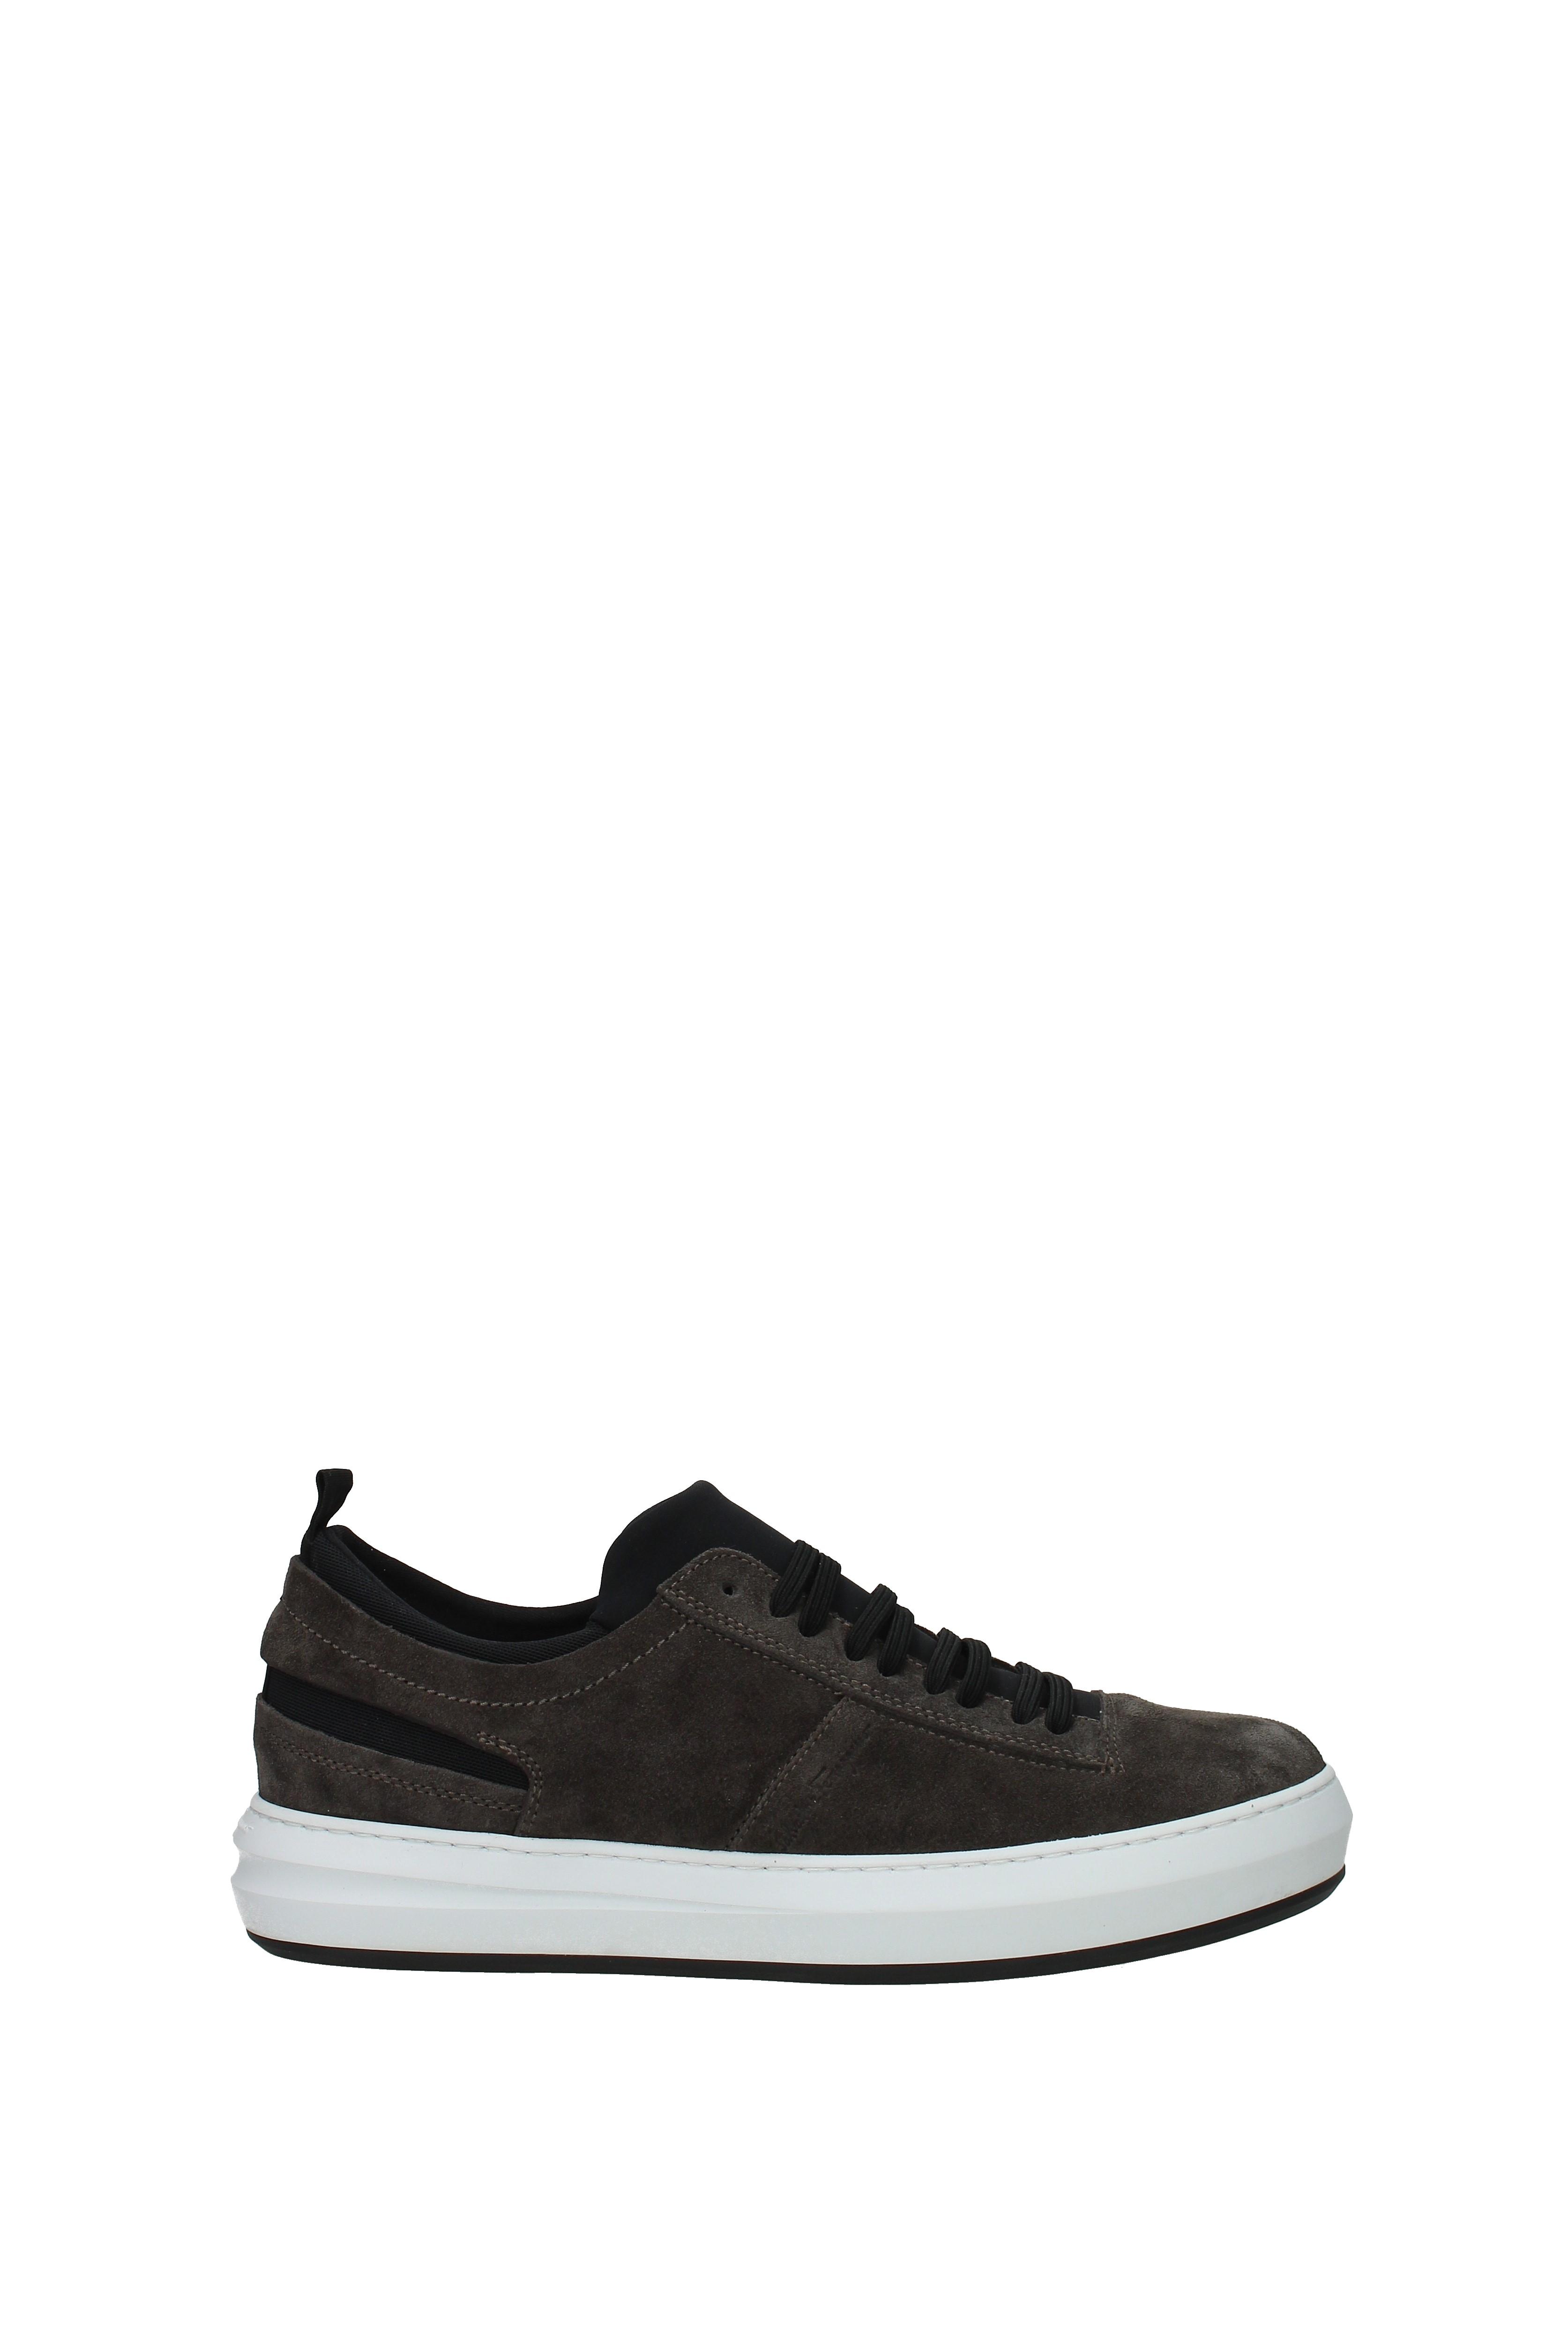 Sneakers Salvatore Ferragamo Ferragamo Ferragamo desert Herren - Wildleder (DESERT06728) 9c5bfd